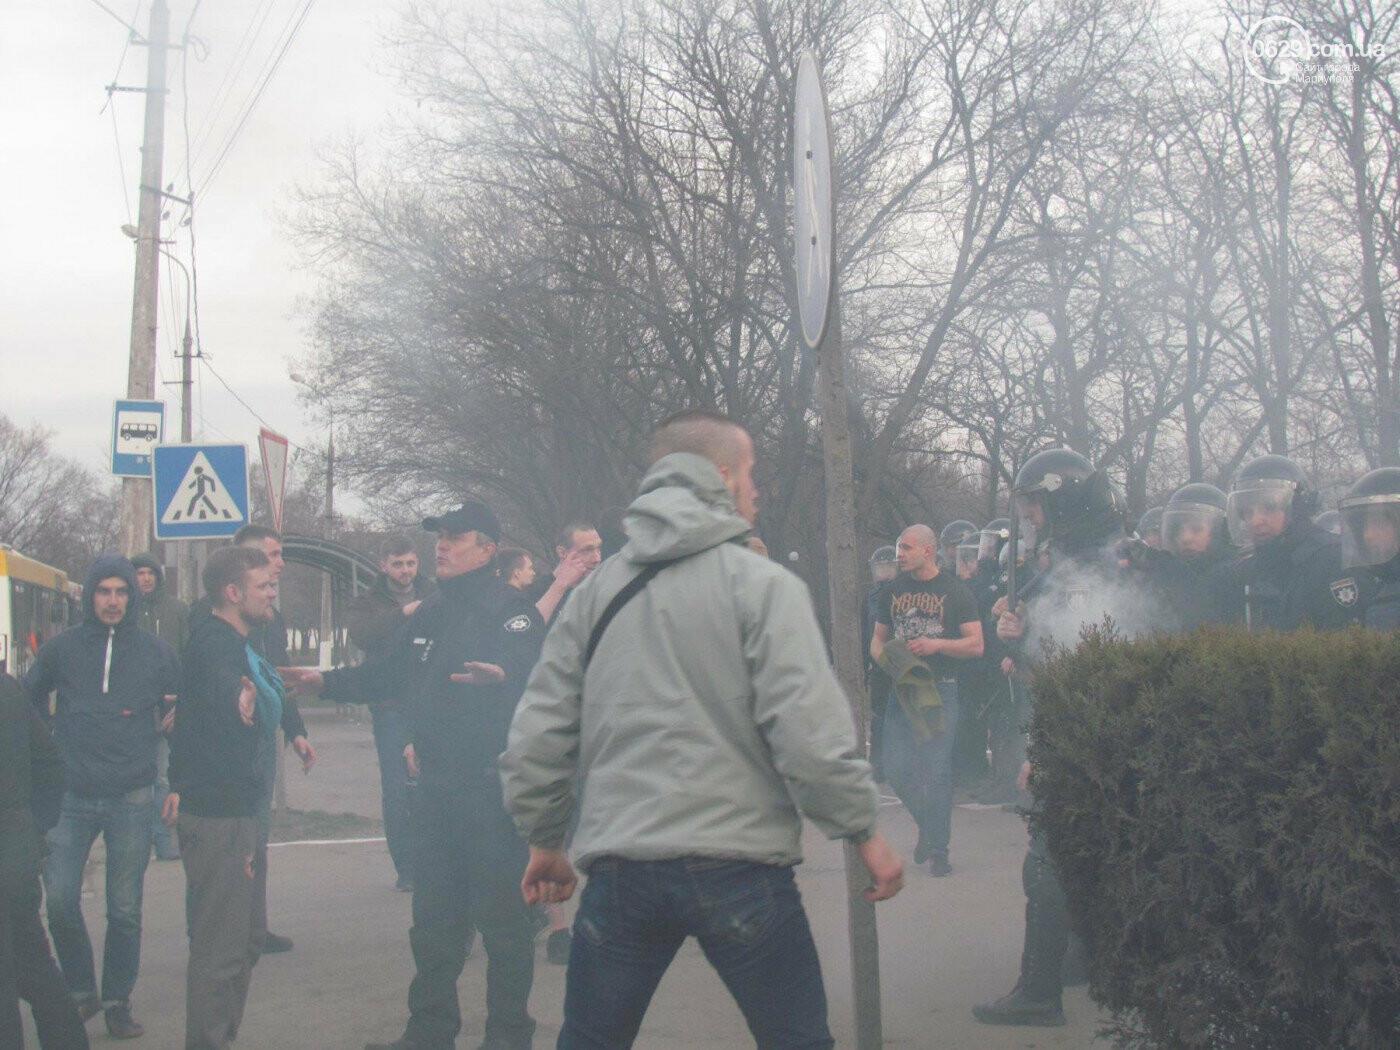 Полиция призвала болельщиков к толерантности и порядку перед матчем «Мариуполь» – «Динамо»,- ФОТО, фото-1